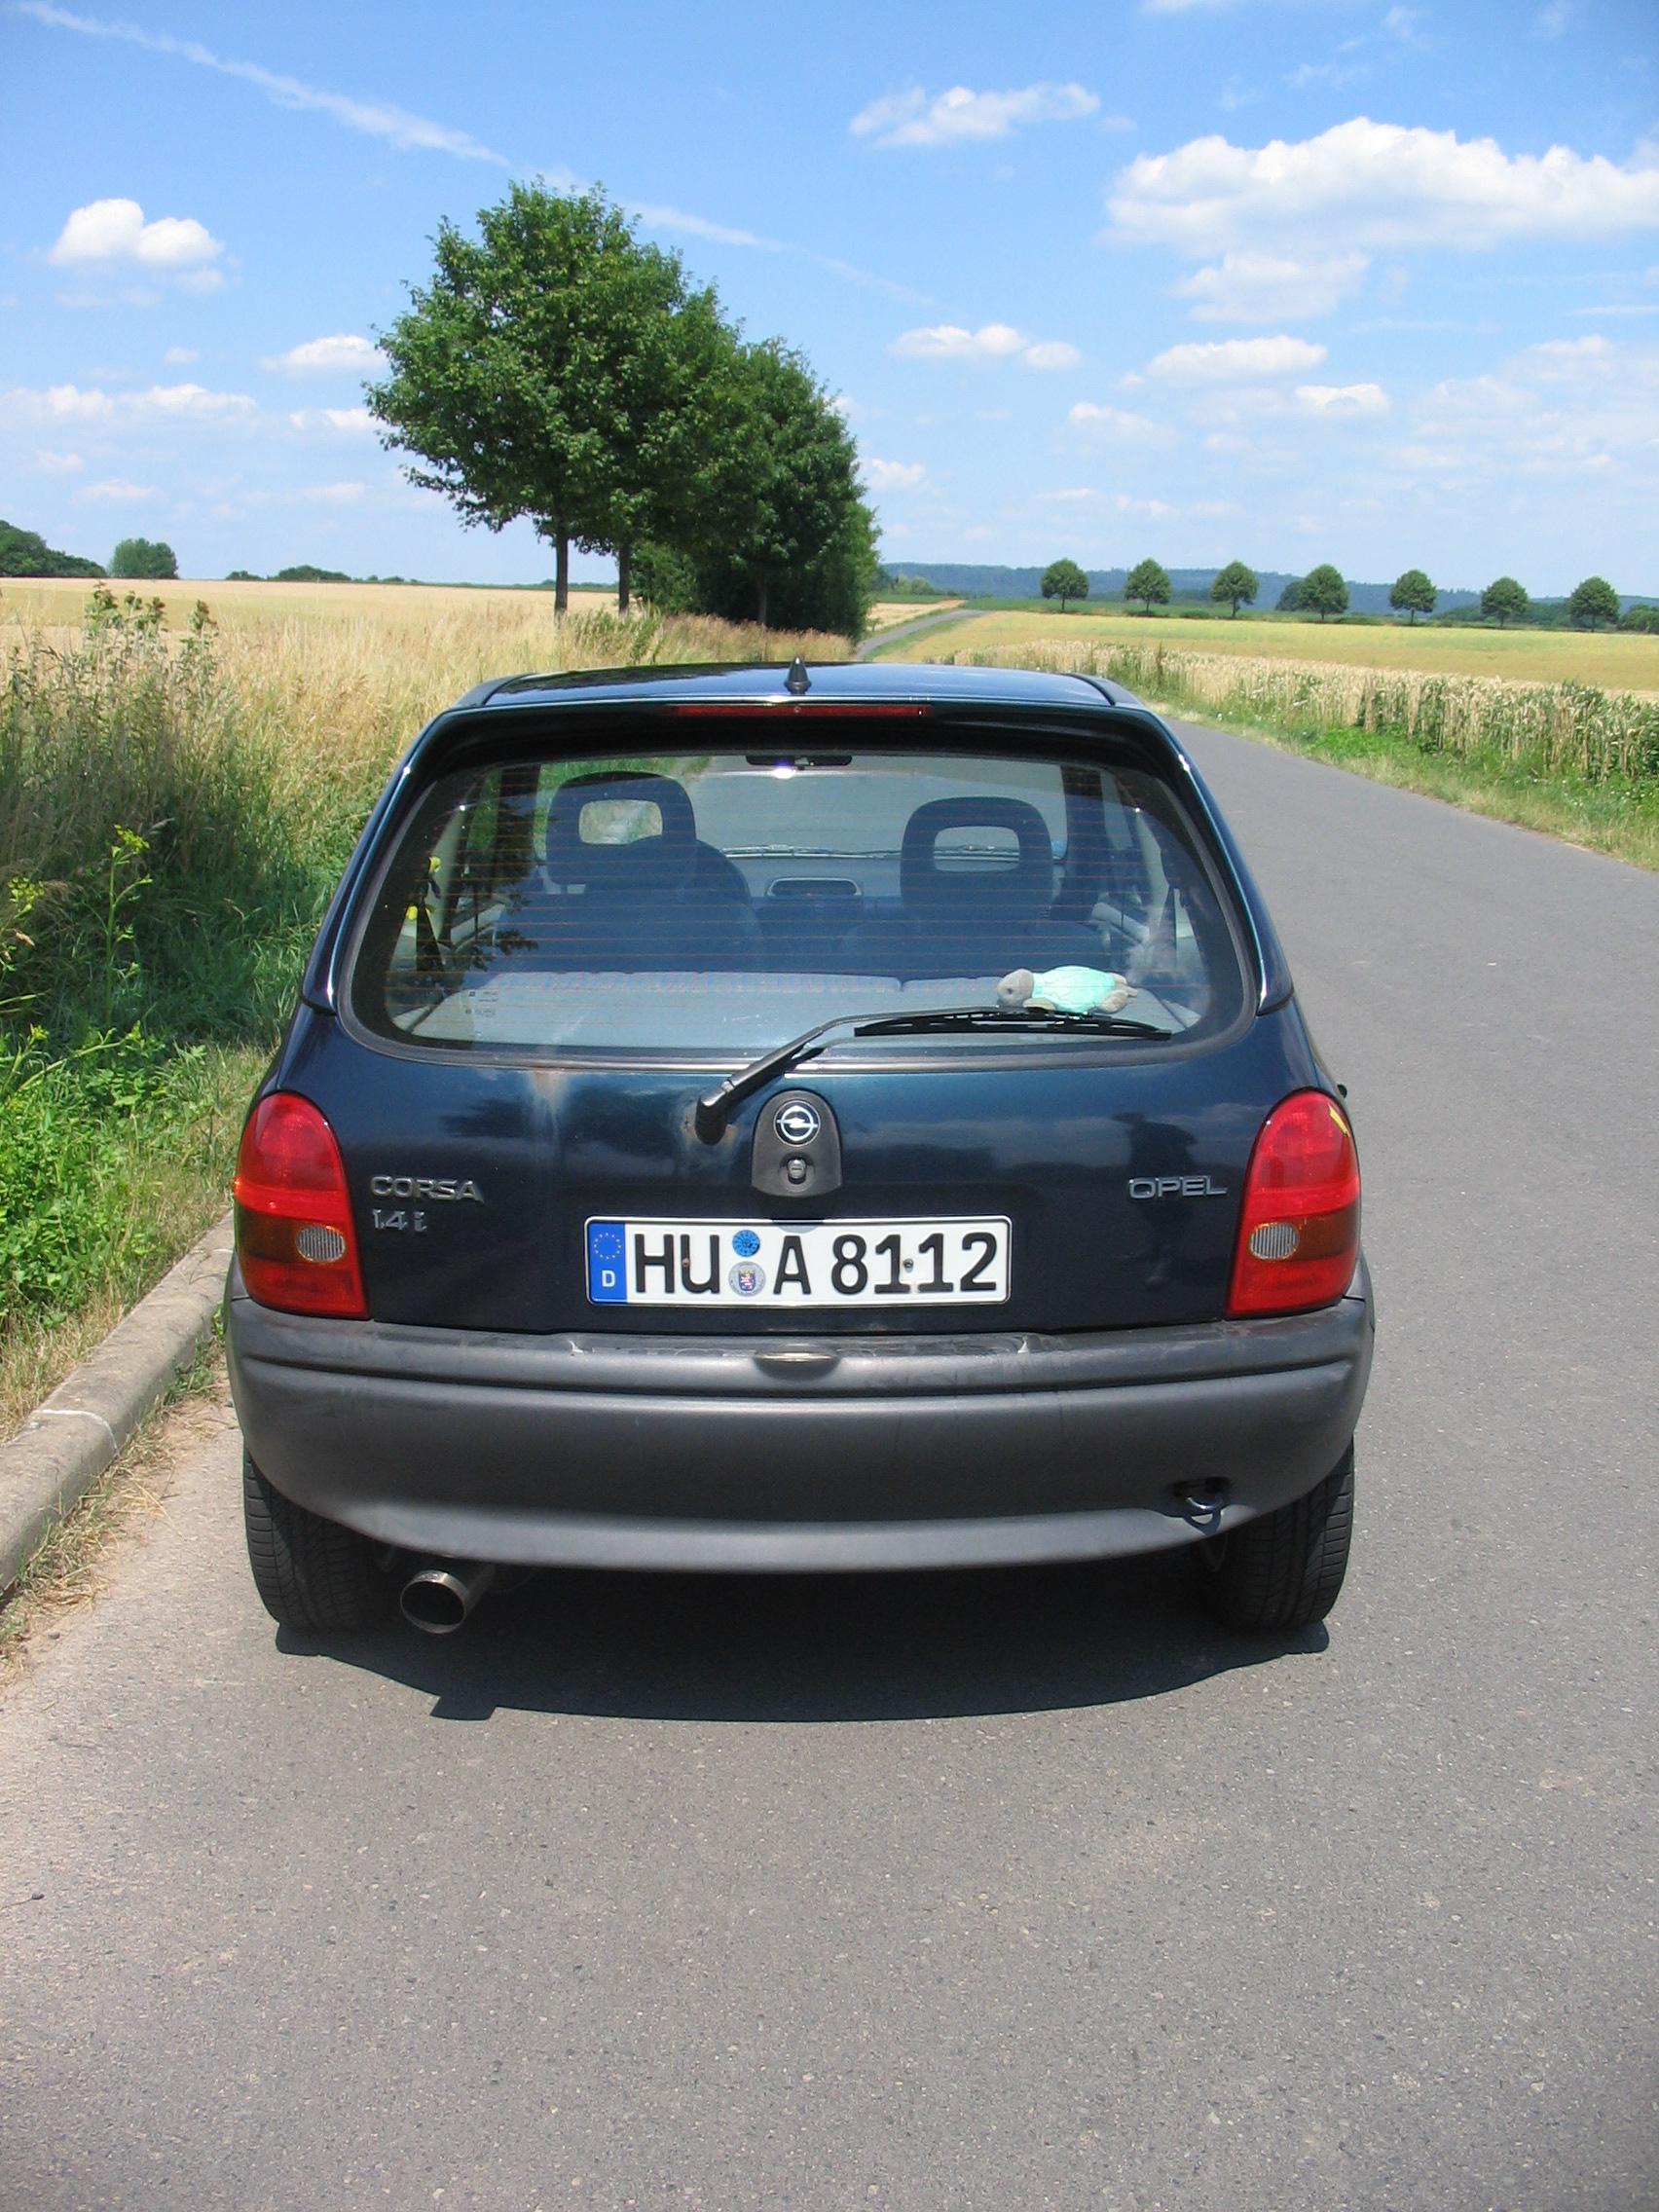 Opel Corsa B 1.4L BJ 95 : Biete Opel